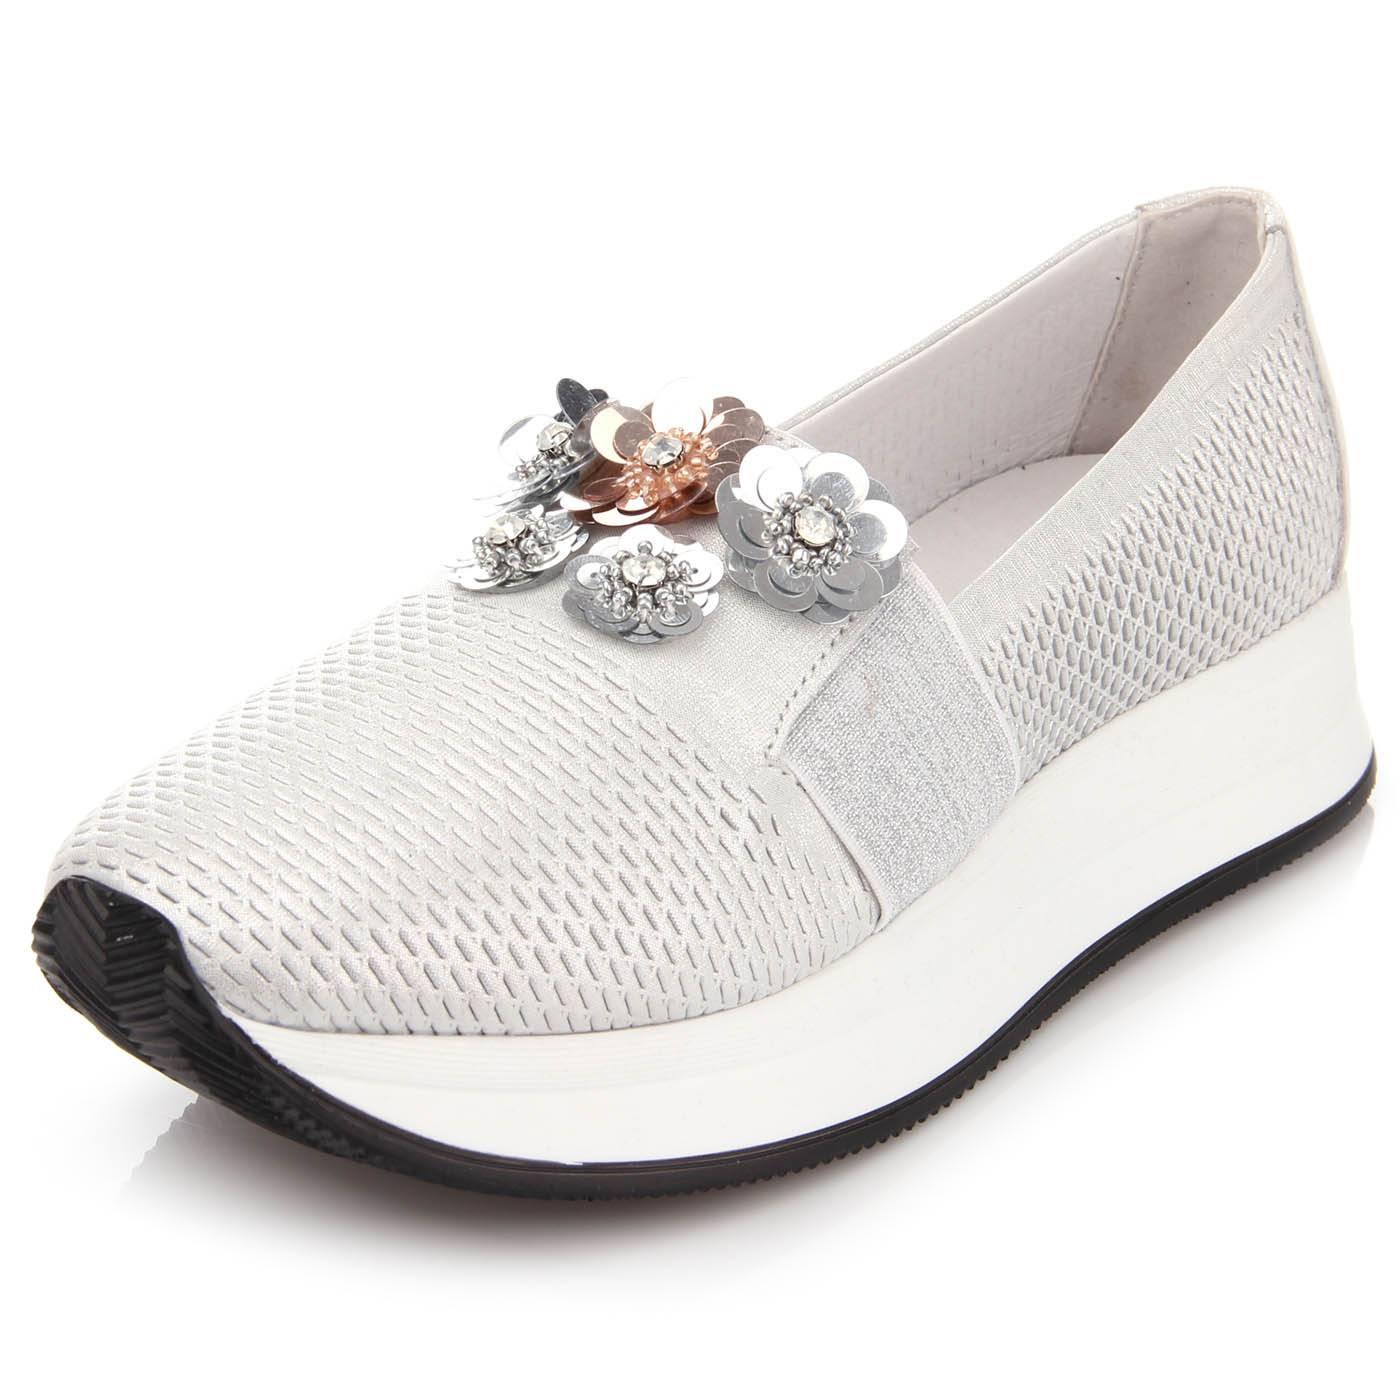 Кросівки жіночі bosa 6721 Білий купить по выгодной цене в интернет ... f0e4b017278c3